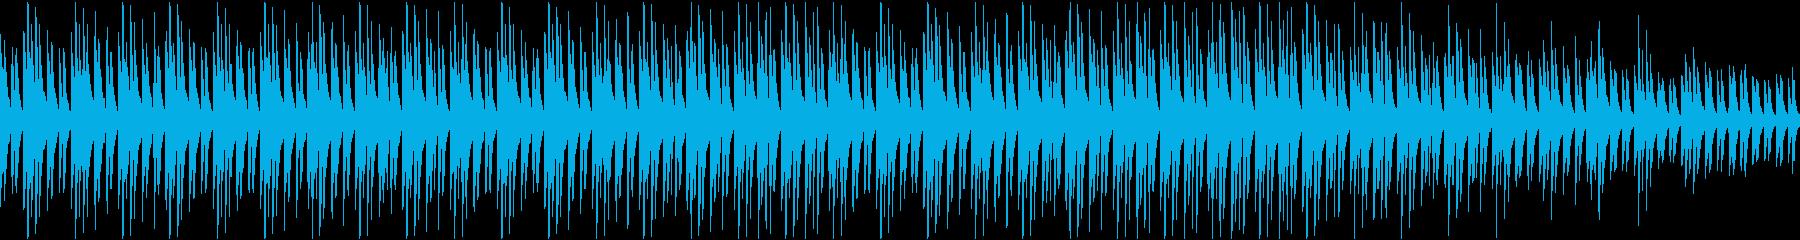 サティ風 ピアノのループ曲 ヒーリングの再生済みの波形